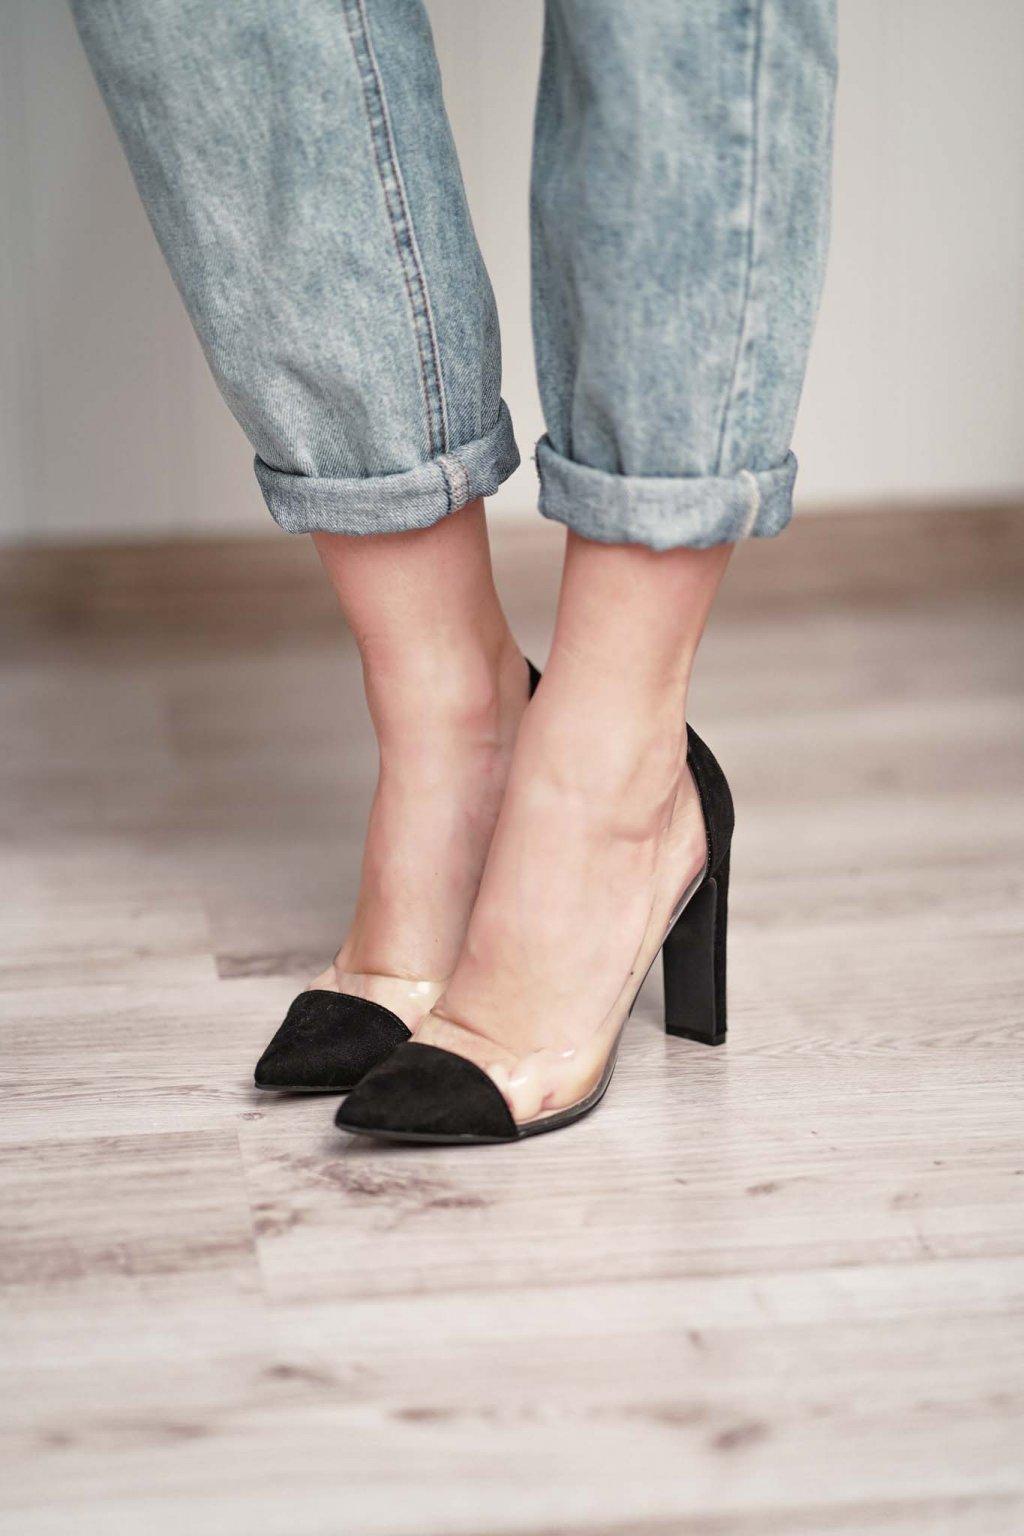 topánky, obuv, tenisky, botasky, lodičky, čižmy, šľapky, sandálky 477